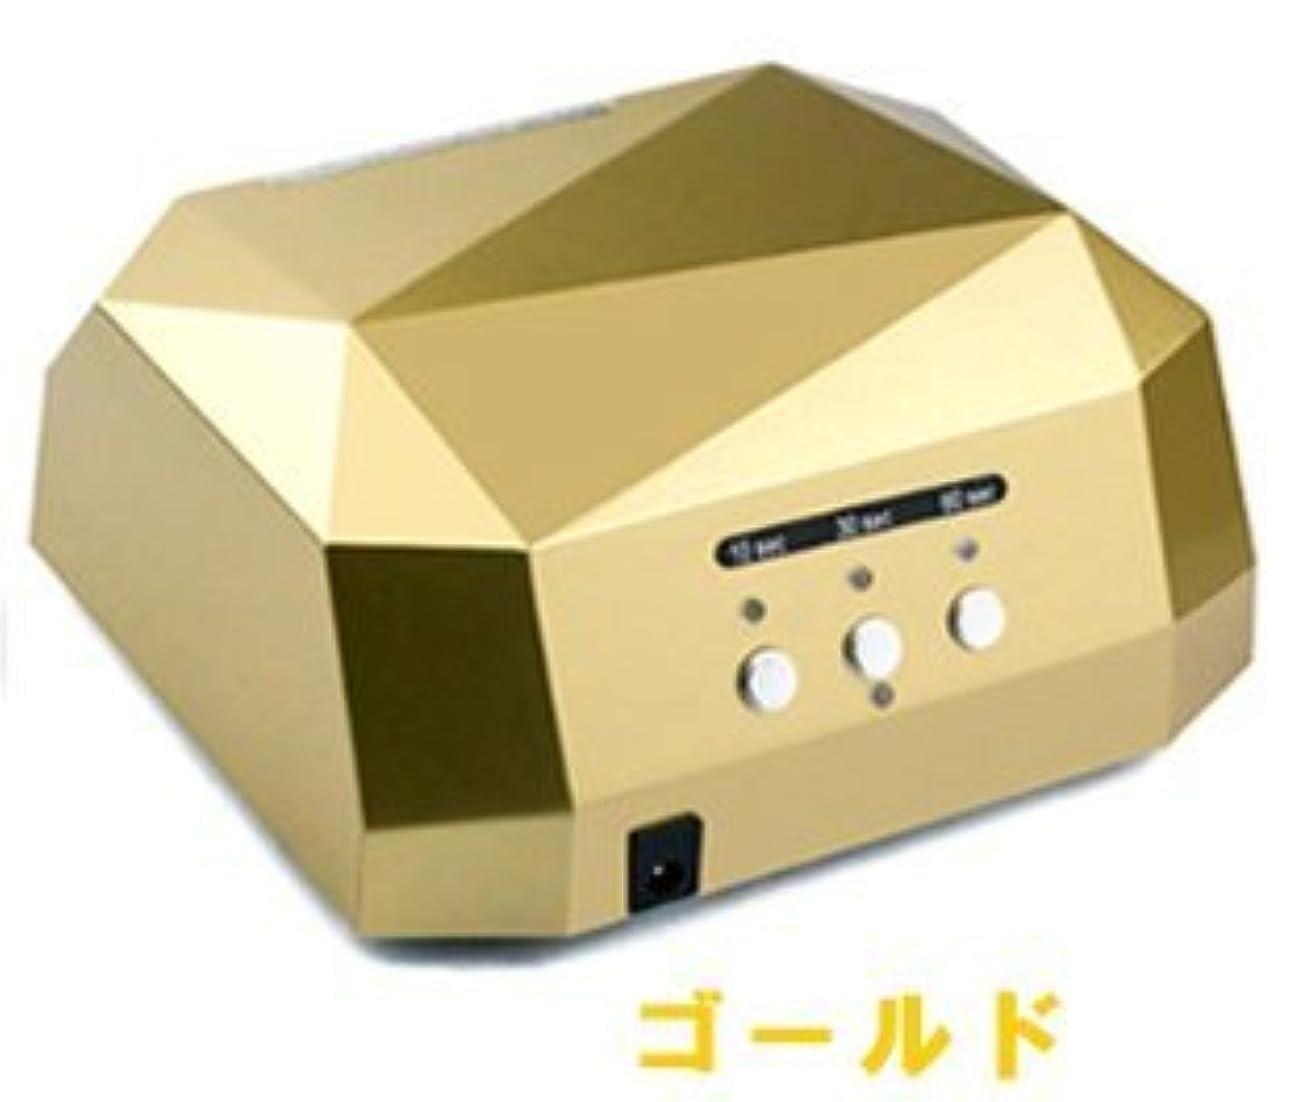 雹現実腹痛LED&CCFLダブル搭載 36Wハイパワーライト/ダイヤモンド型/タイマー付き!/自動感知センサー付き!【全4色】 (ゴールド)